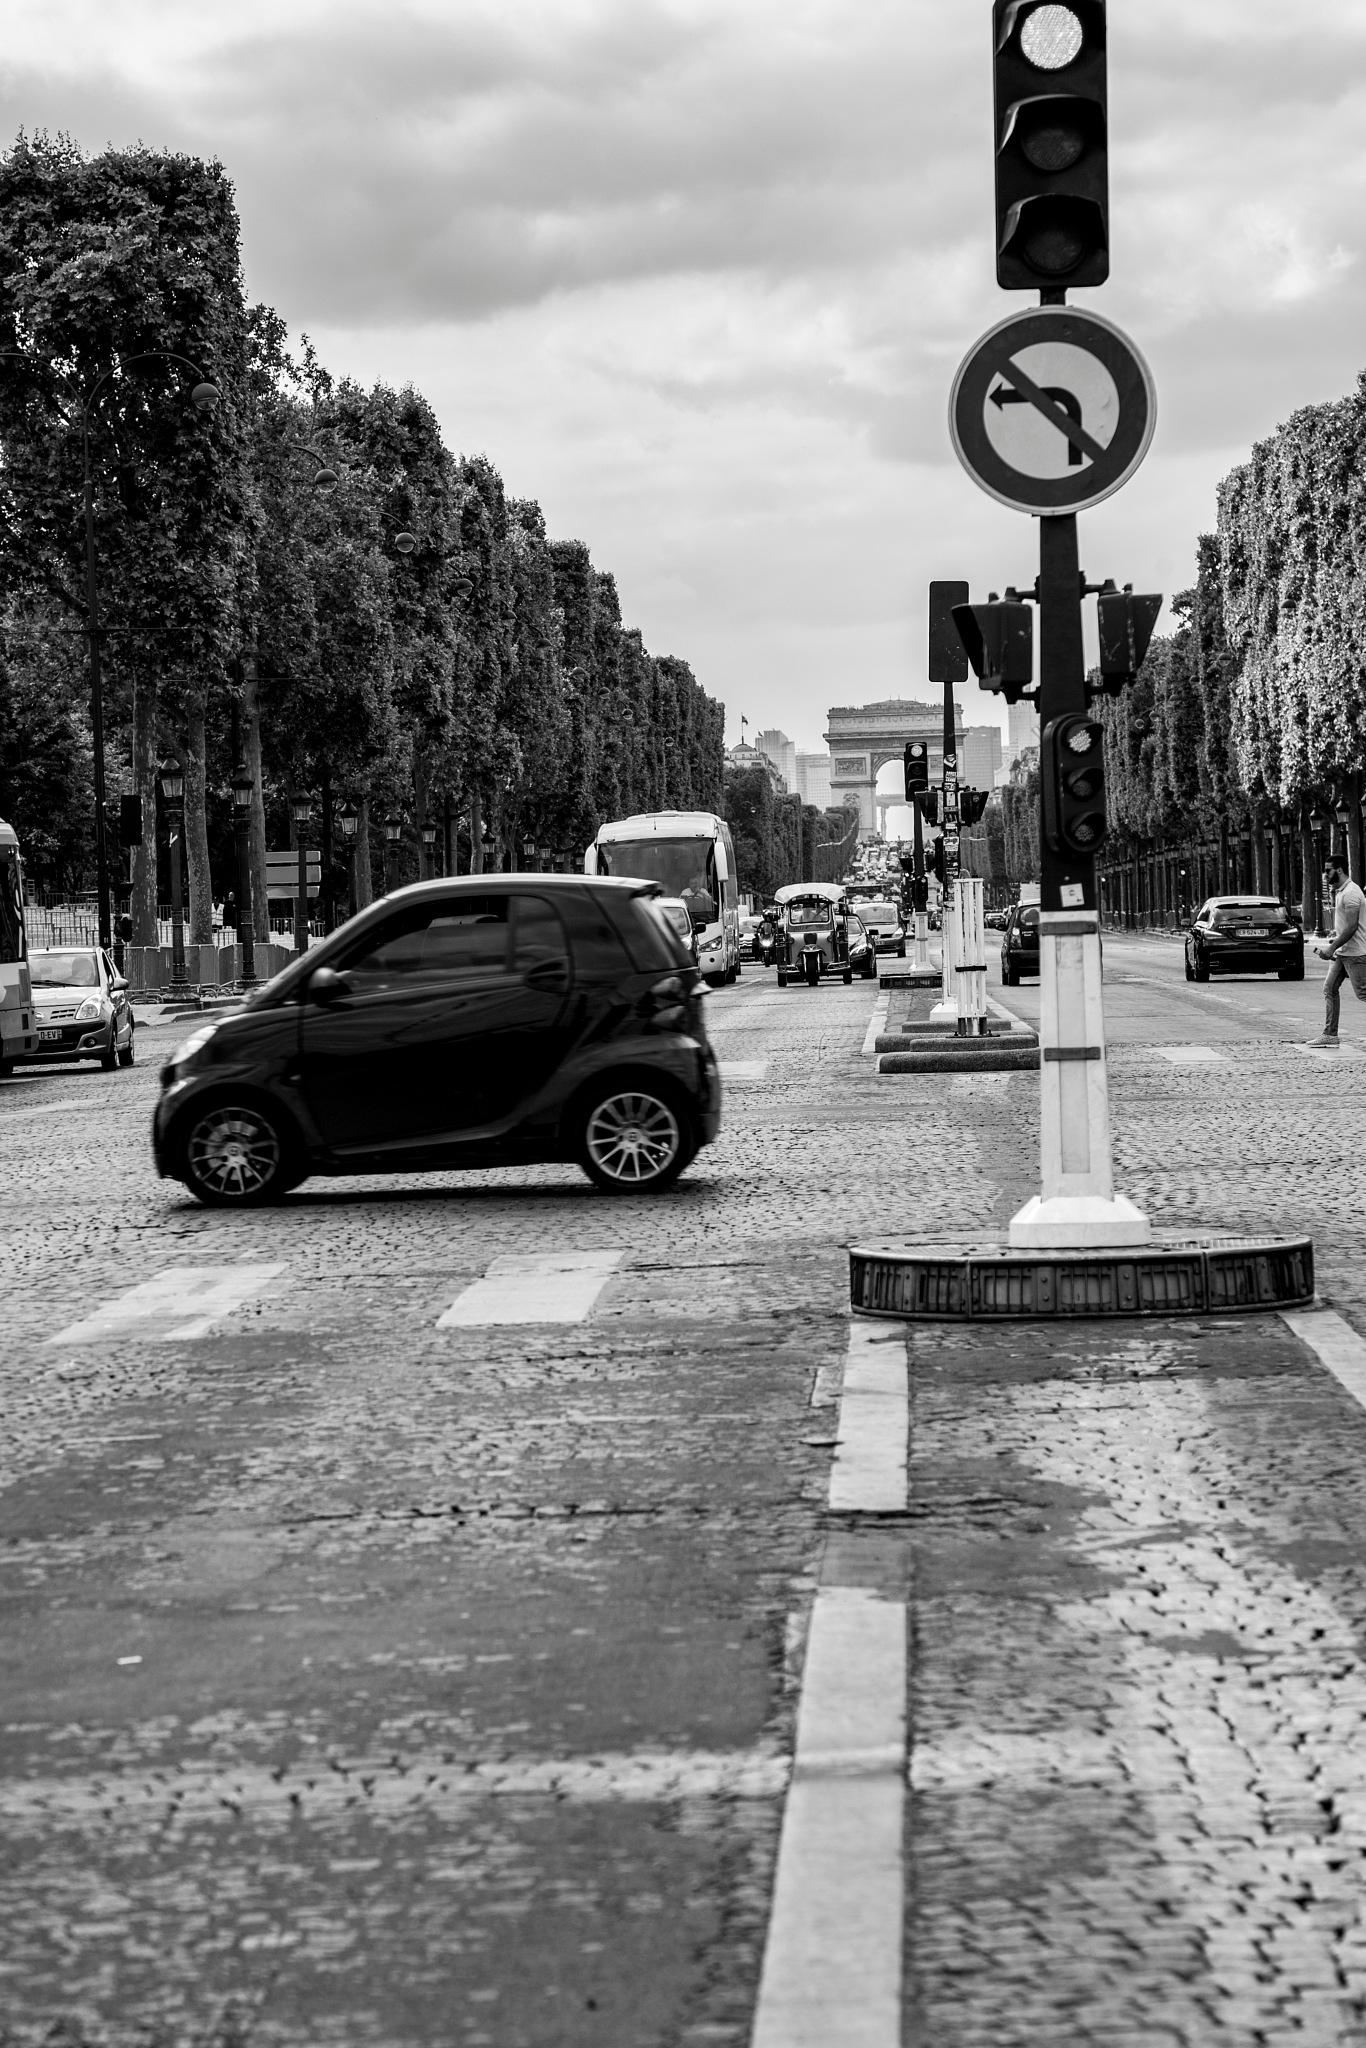 Do not turn left by verovisaggio